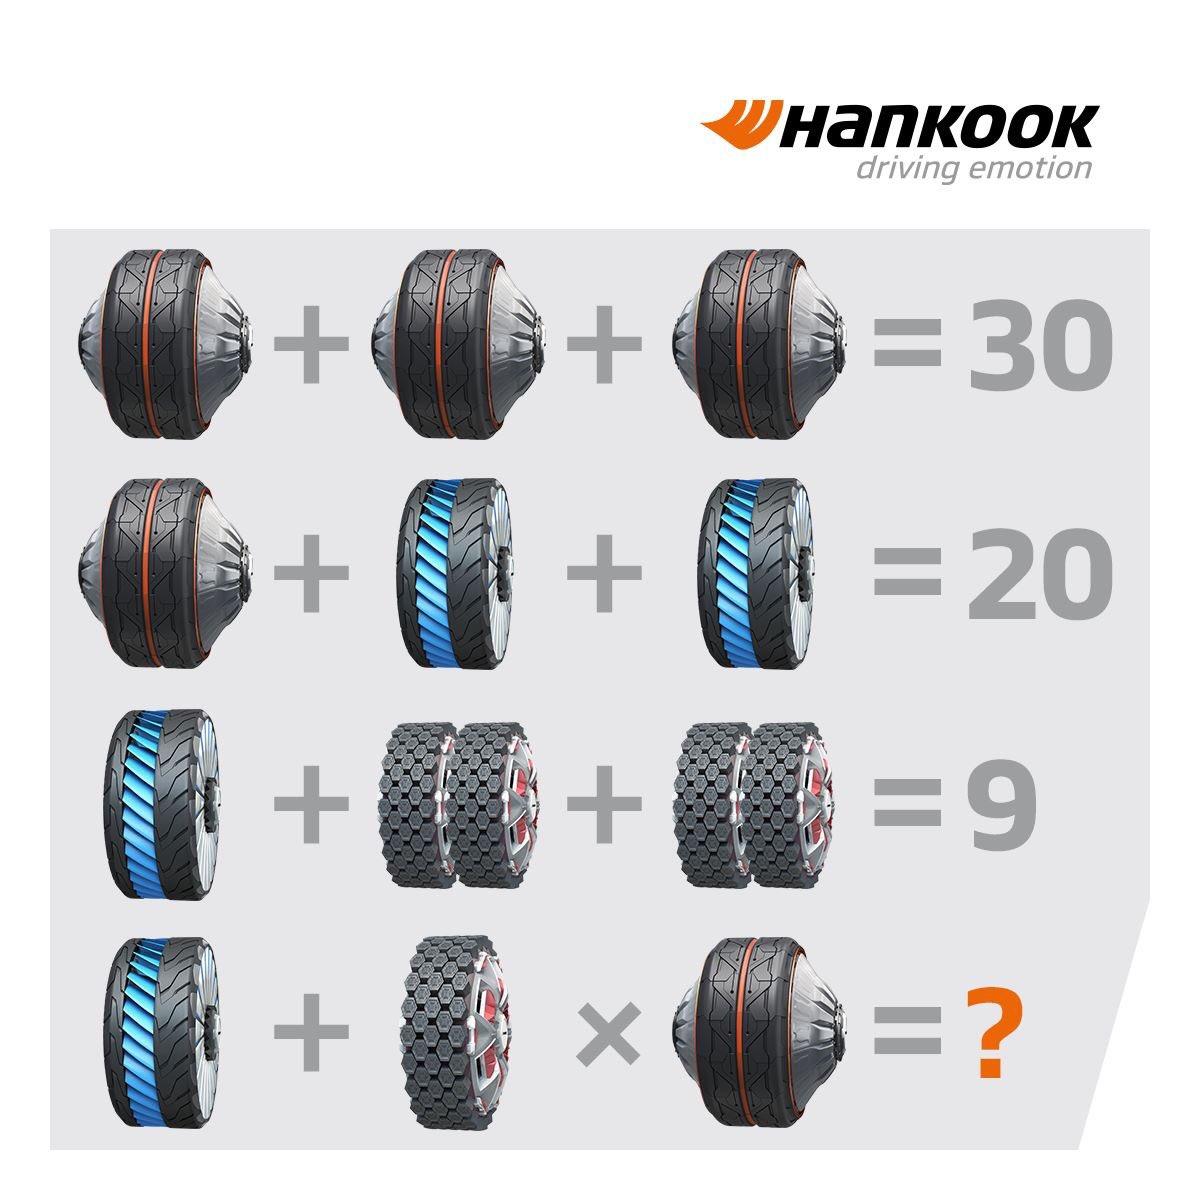 Unsere Konzeptreifen als Mathe-Test - kommt ihr auf die Lösung? 🤔 #HankookReifen #ConceptTyres #Mathetest https://t.co/RB0rNpUTlX